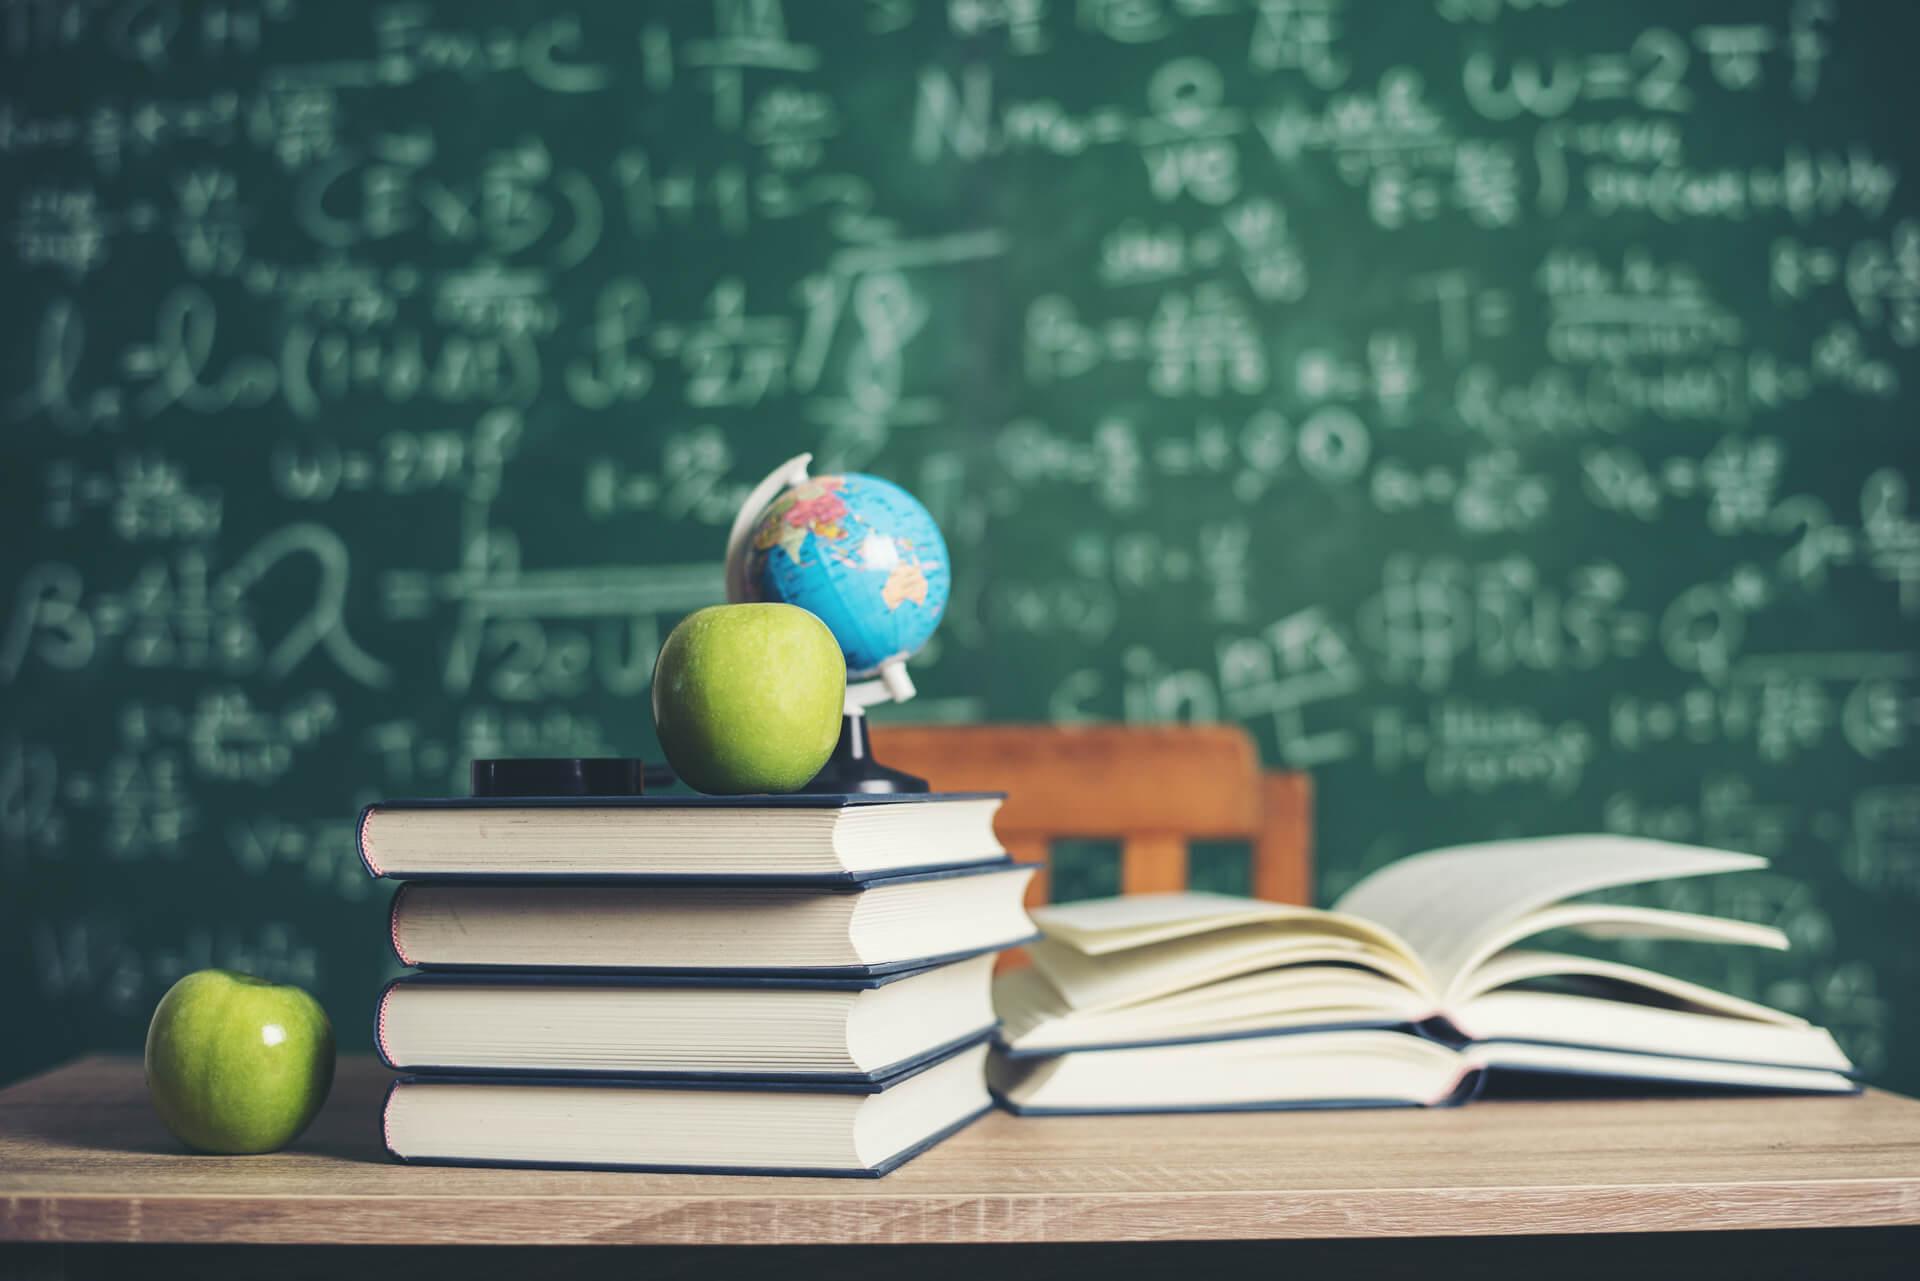 Livros abertos na mesa da sala de aula